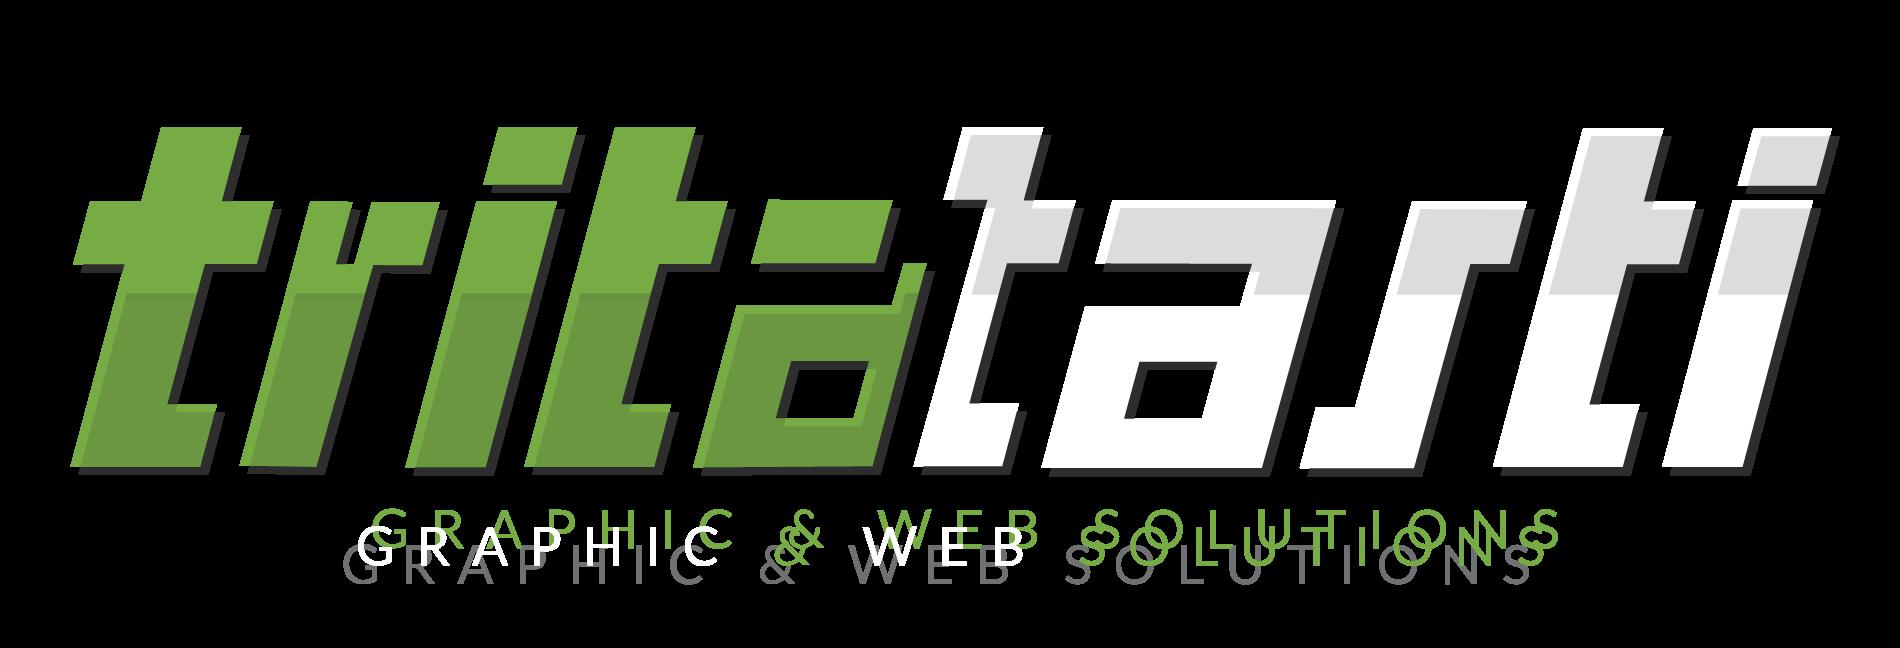 tritatasti Realizzazione Siti Internet & Sviluppo Grafica